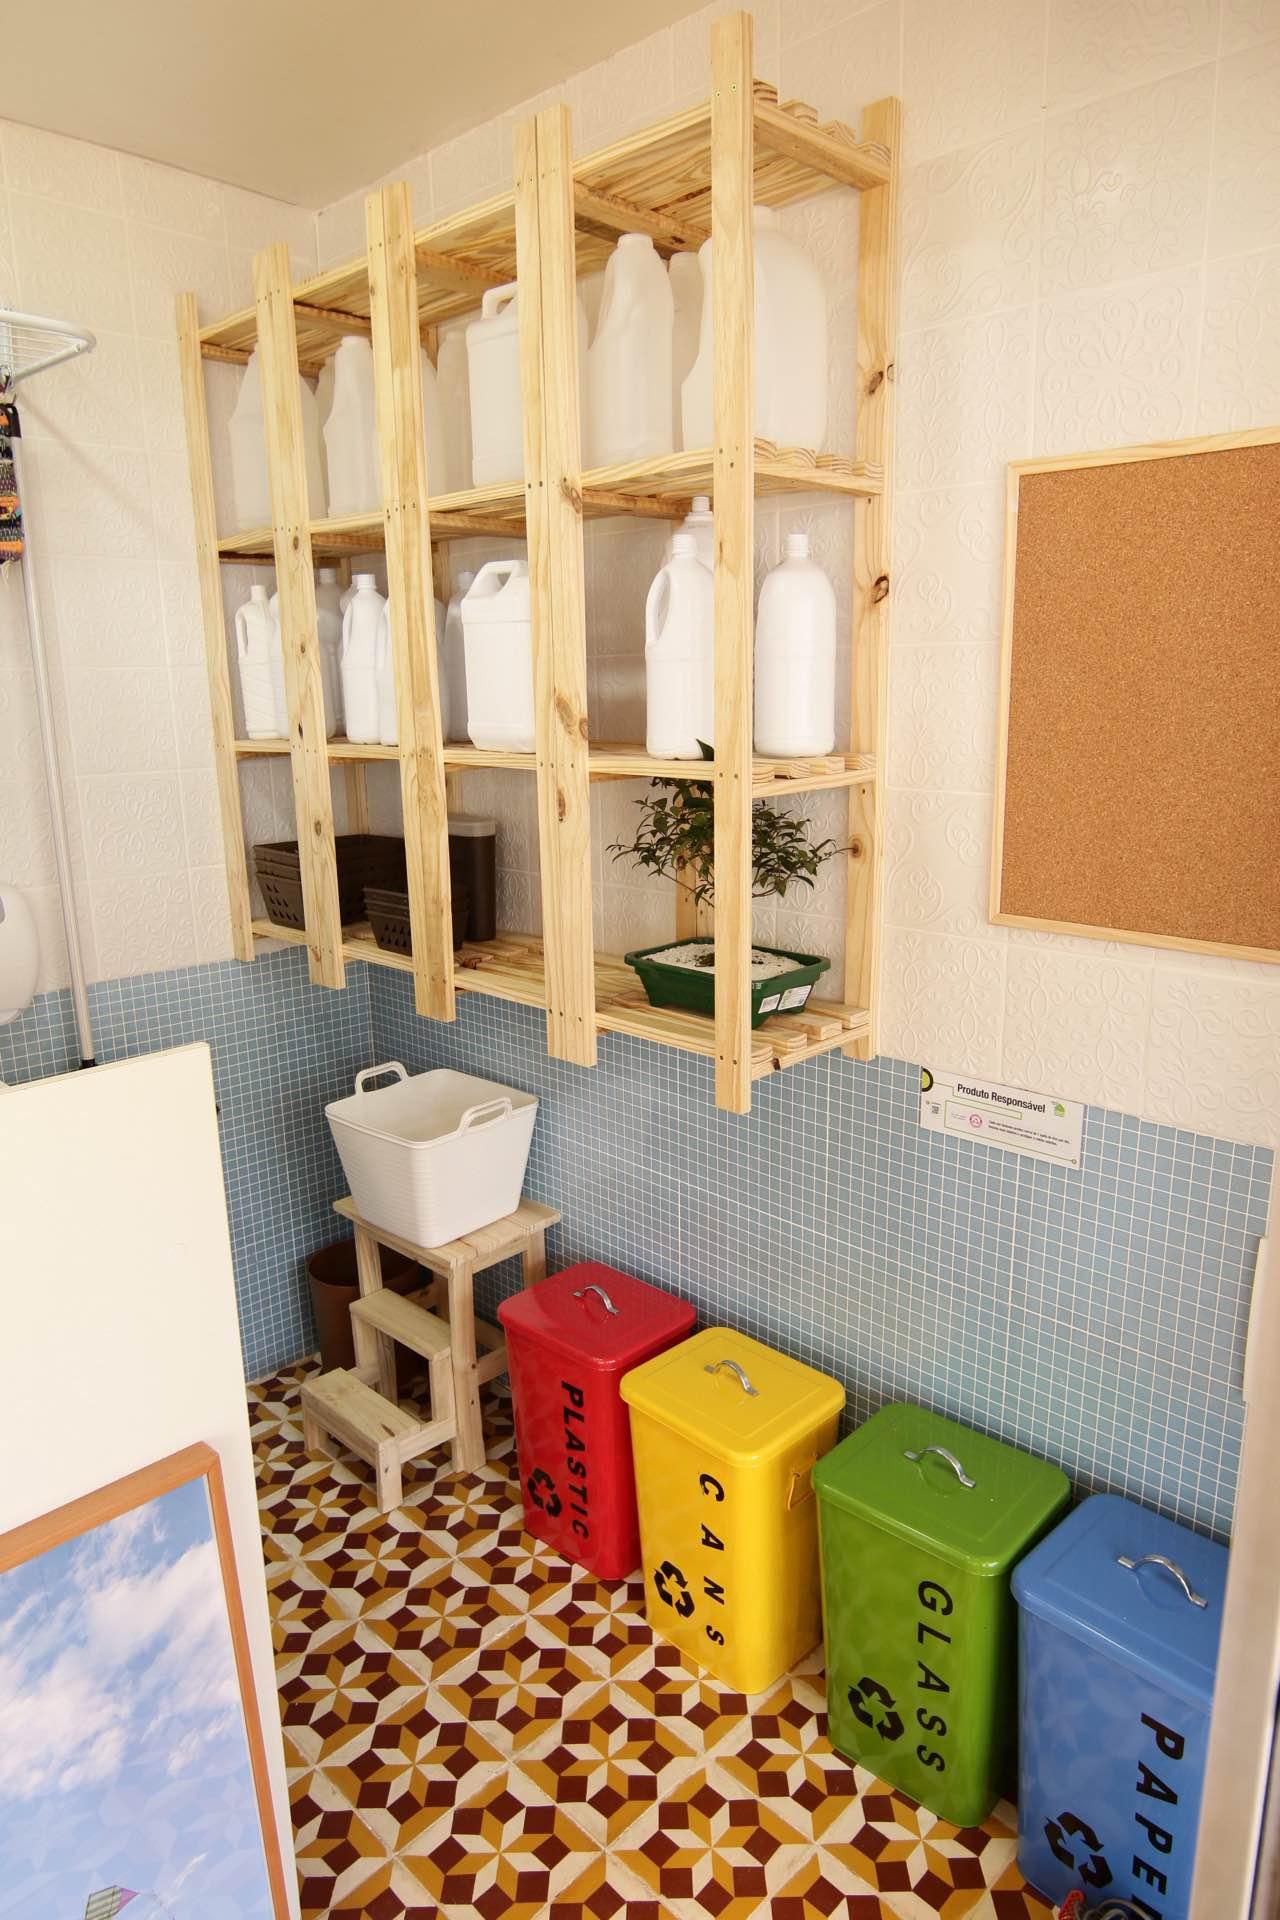 Casa viva rea de servi o com produtos respons veis leroy merlin - Numeros para casas leroy merlin ...